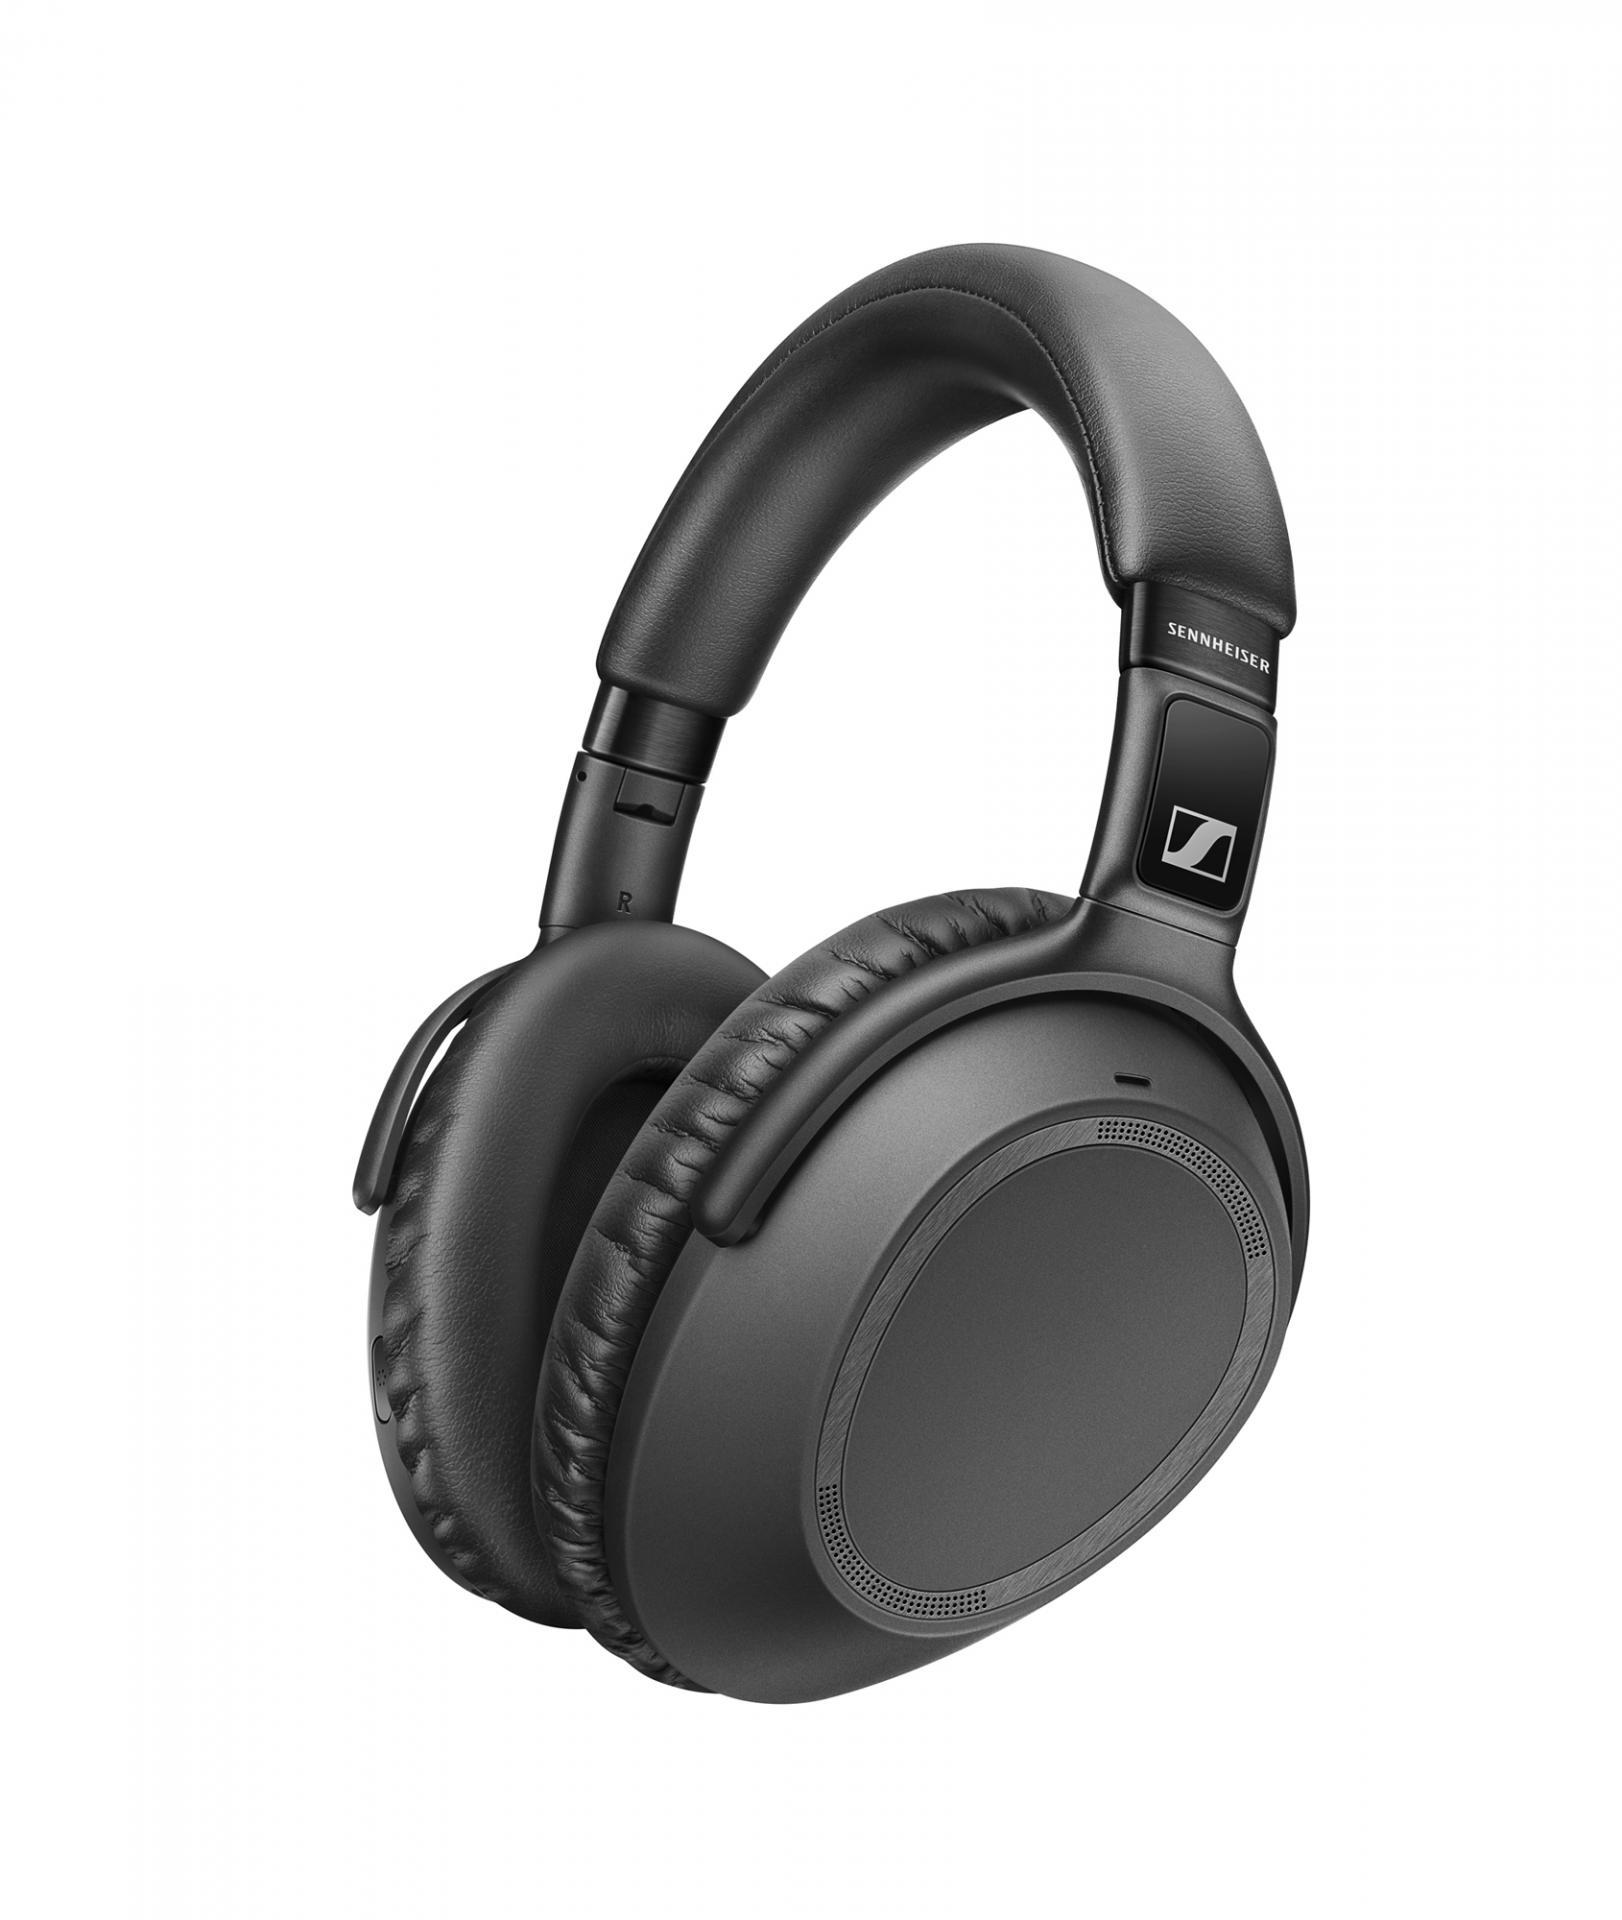 УSennheiser появились новые наушники PXC 550-II сактивным шумоподавлением